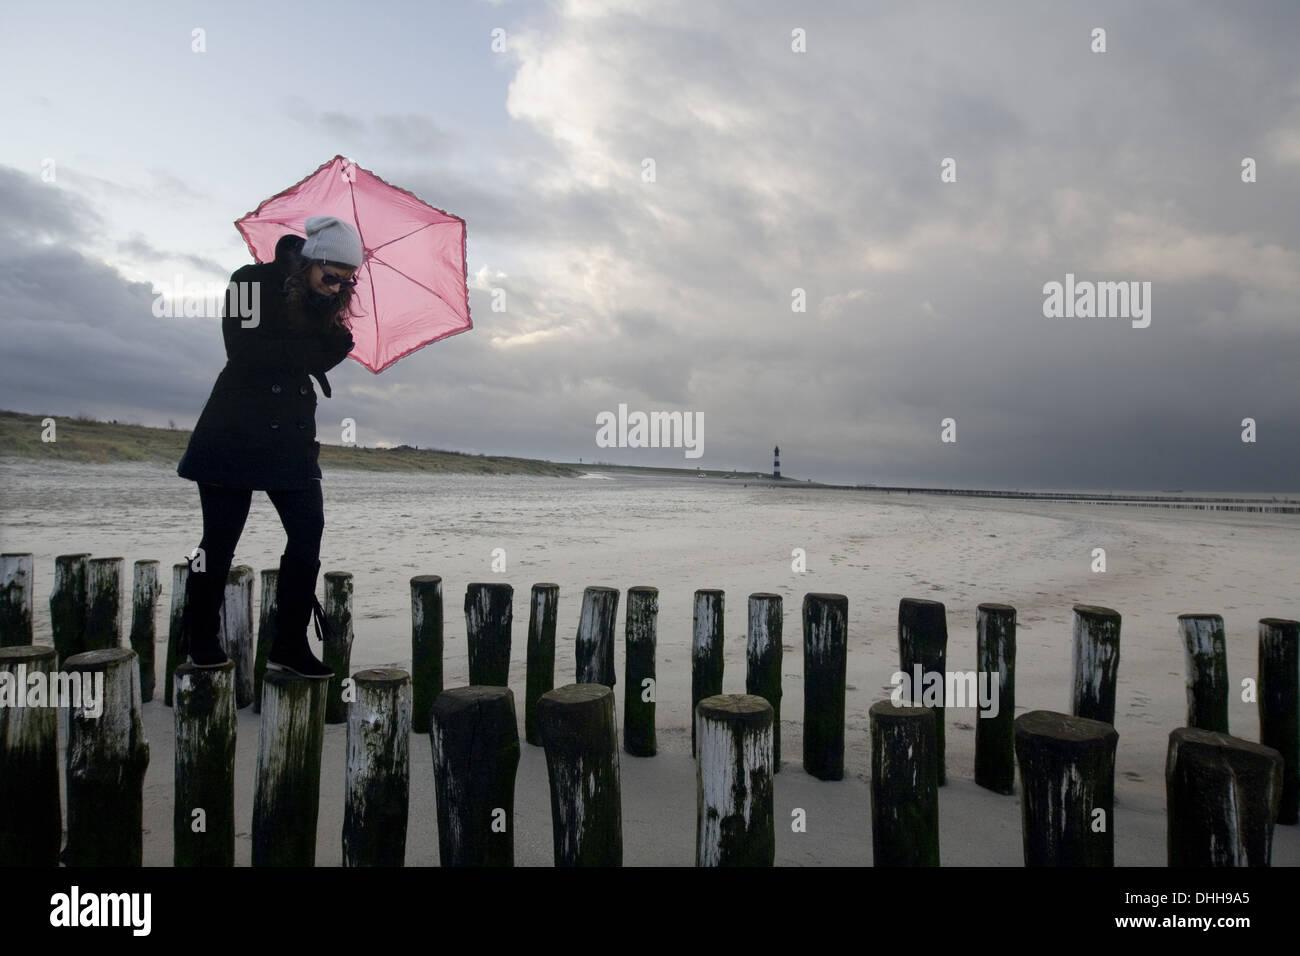 Mujer joven con paraguas rosa Imagen De Stock